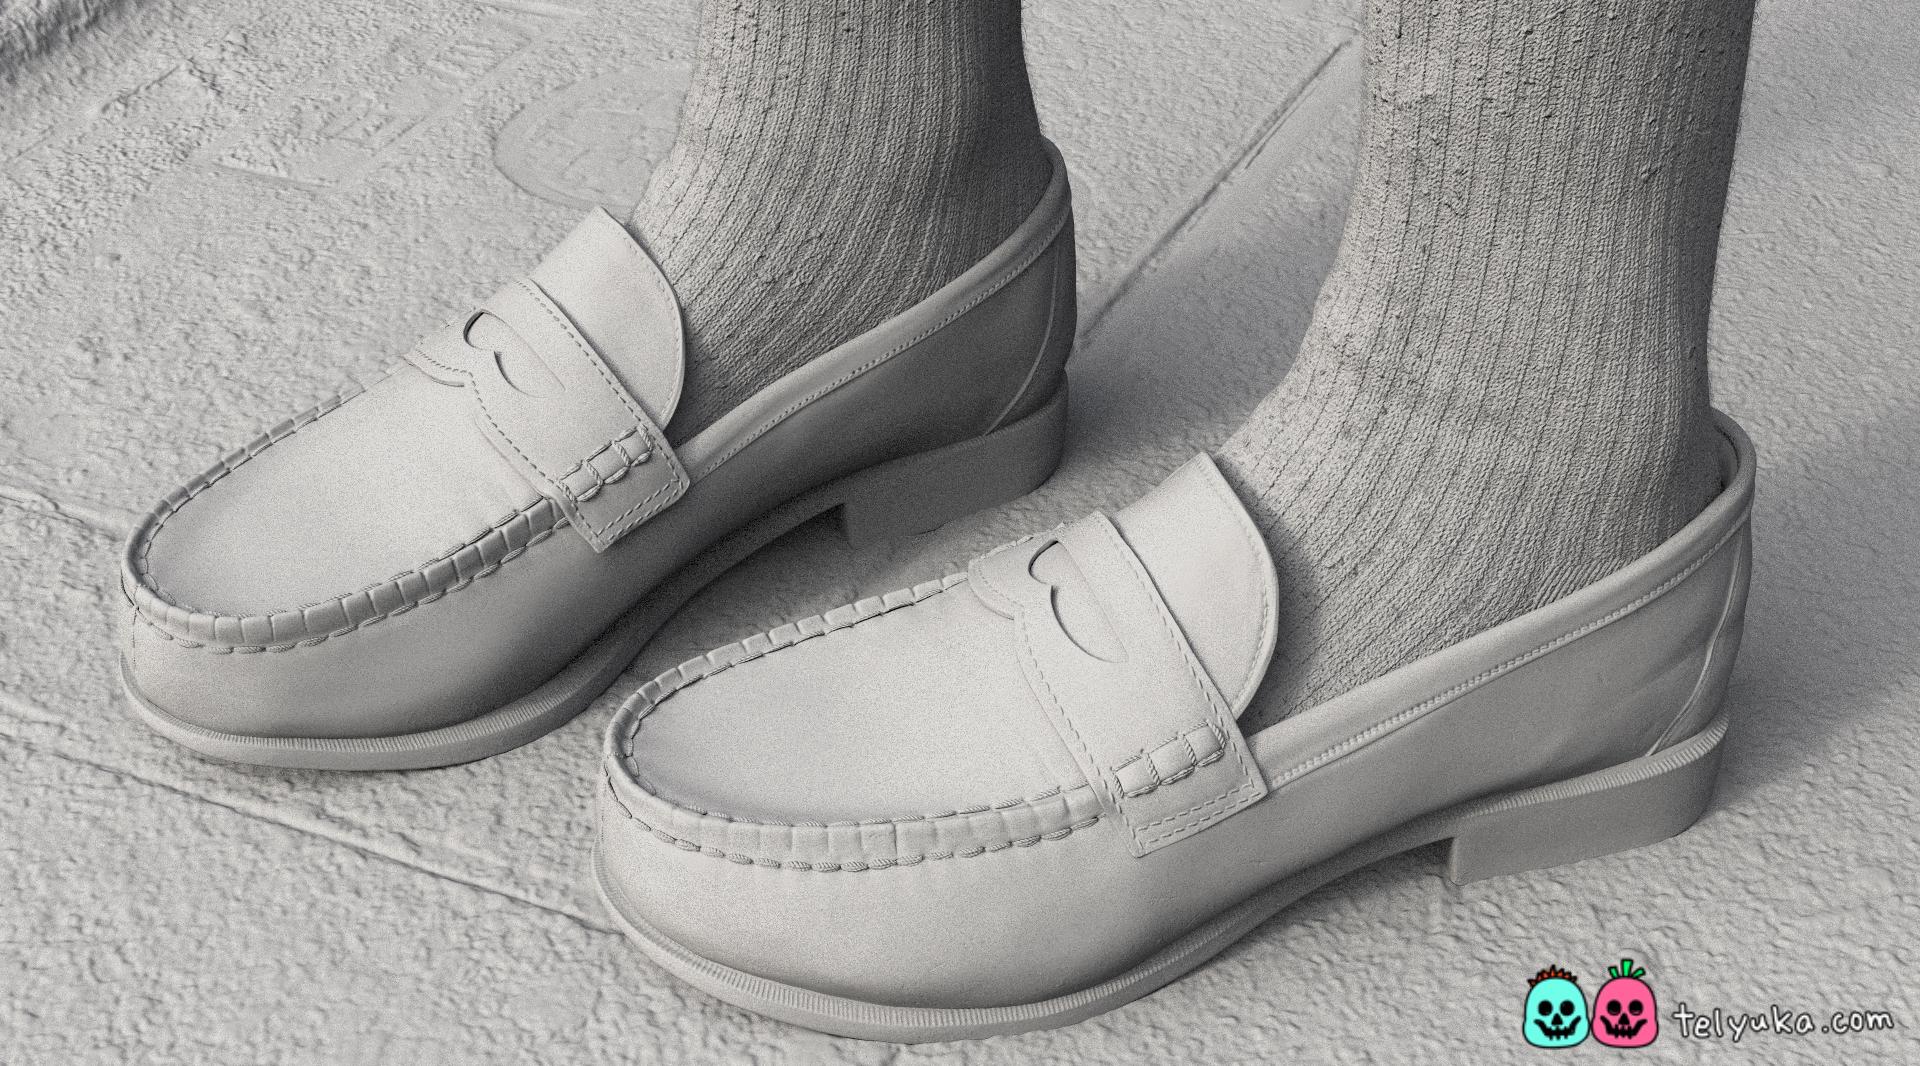 Моделирование и текстурирование детализации обуви